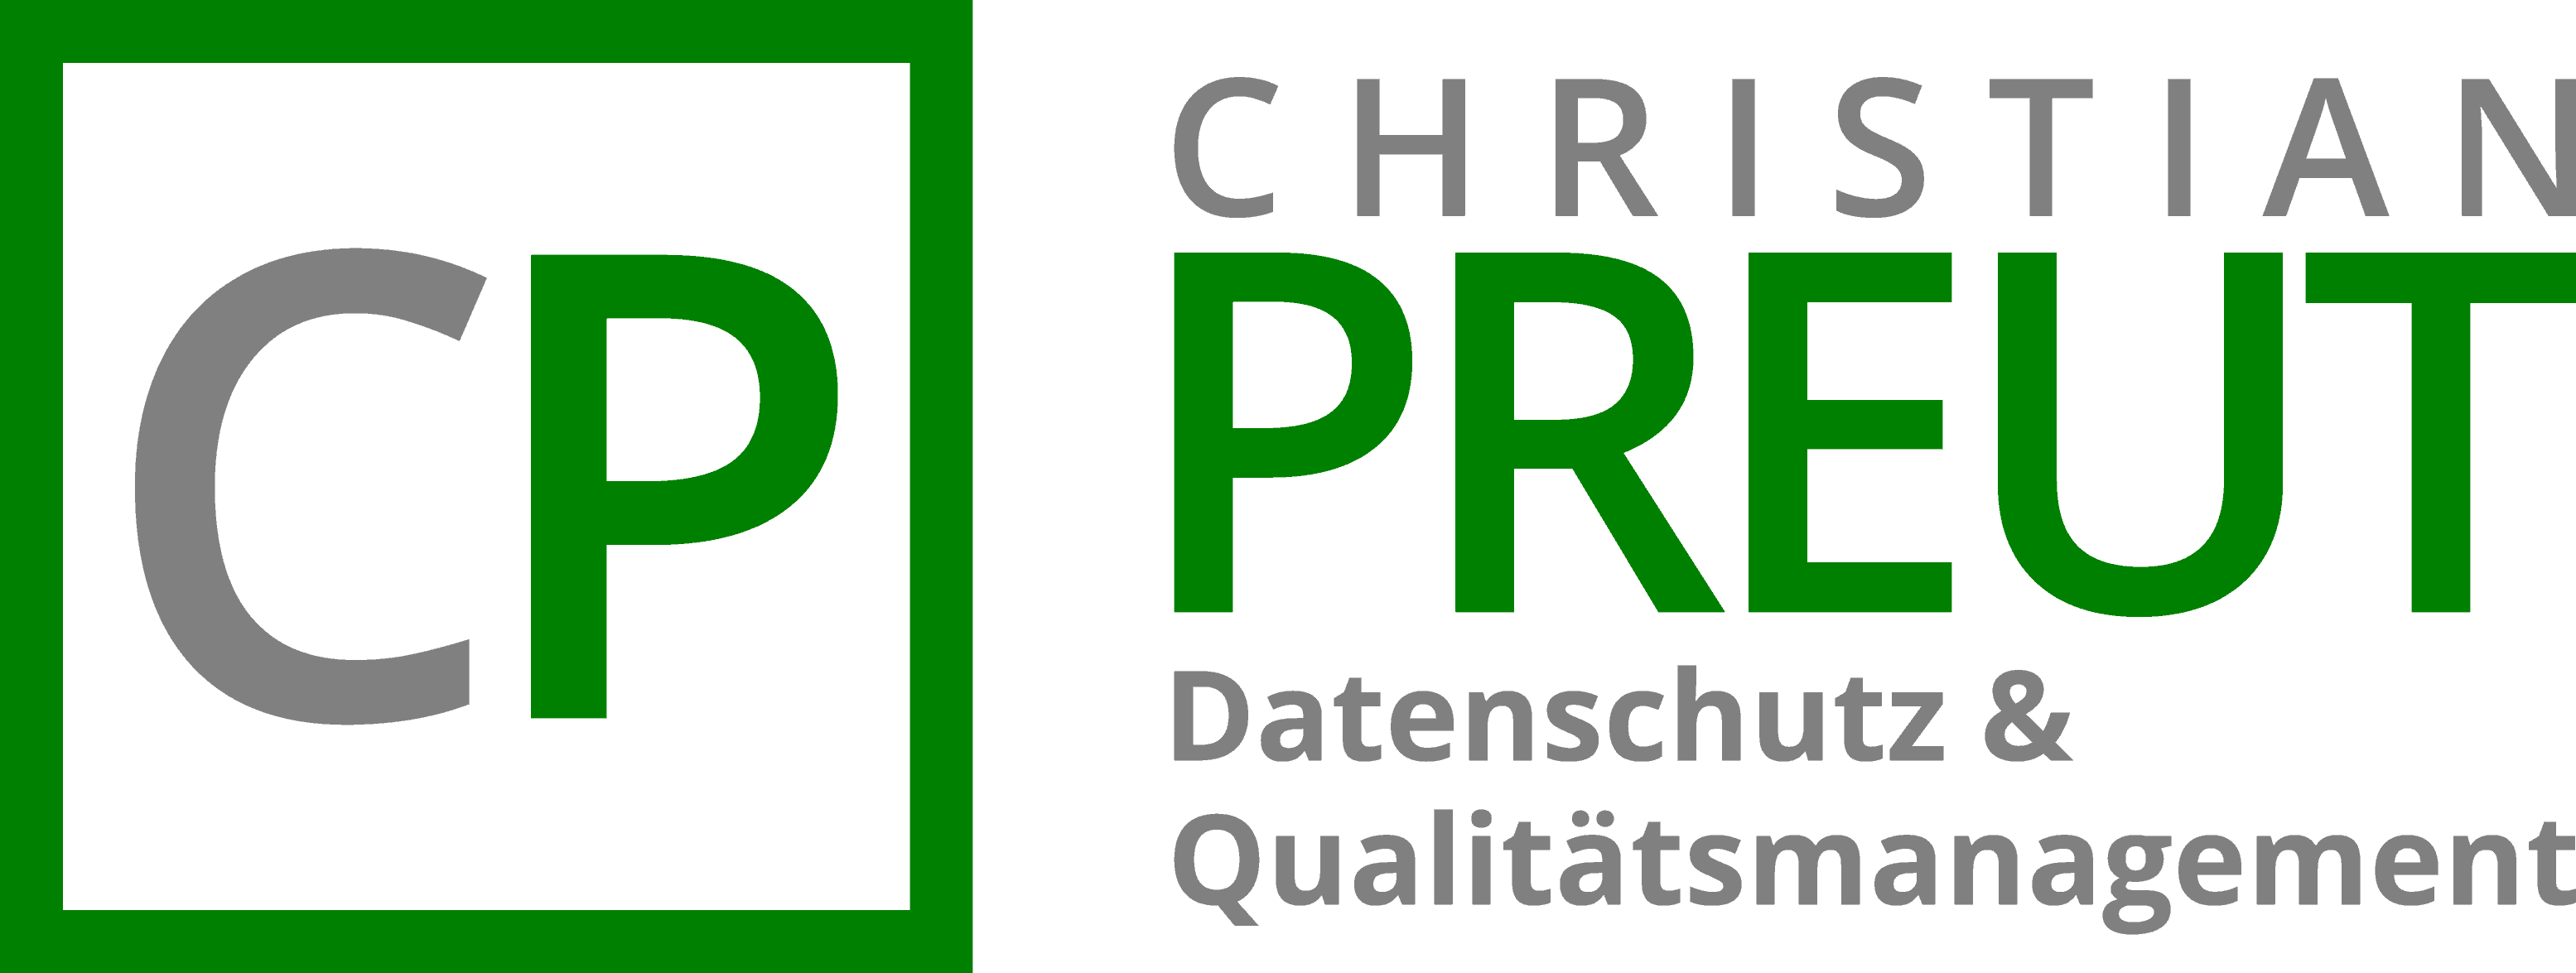 Datenschutz | Qualitätsmanagement | Christian Preut